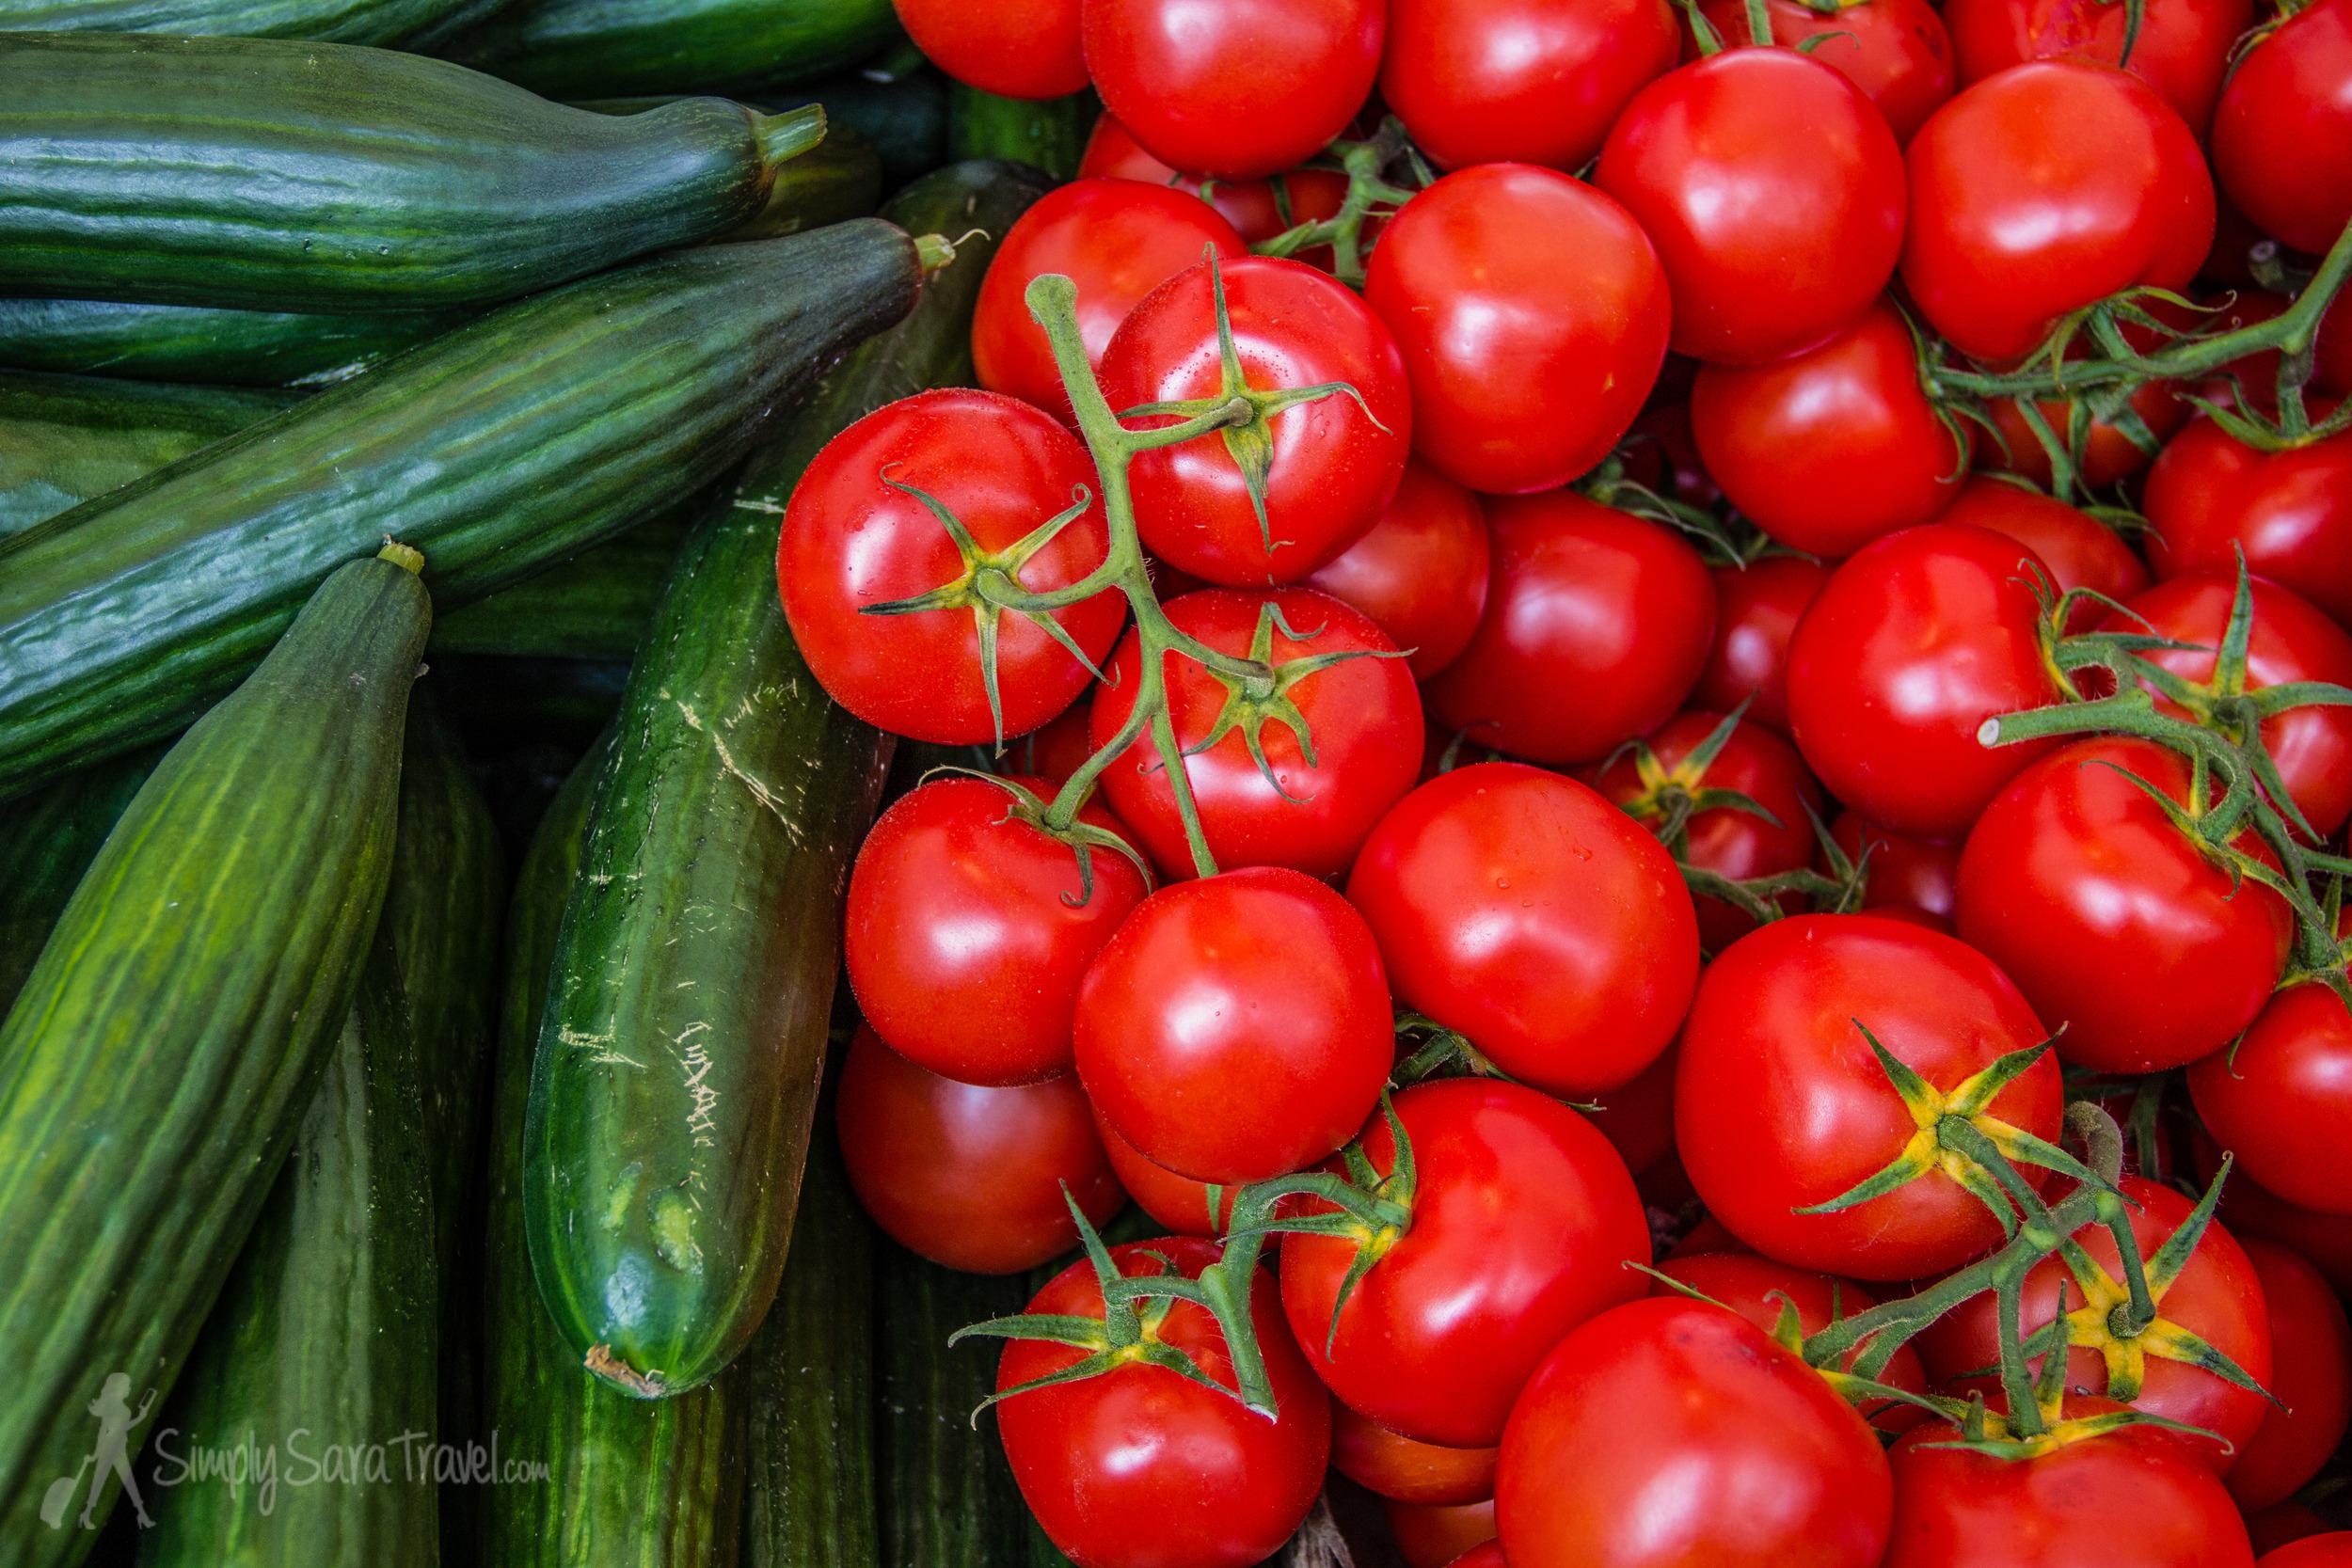 Produce at the Bastille market, Paris